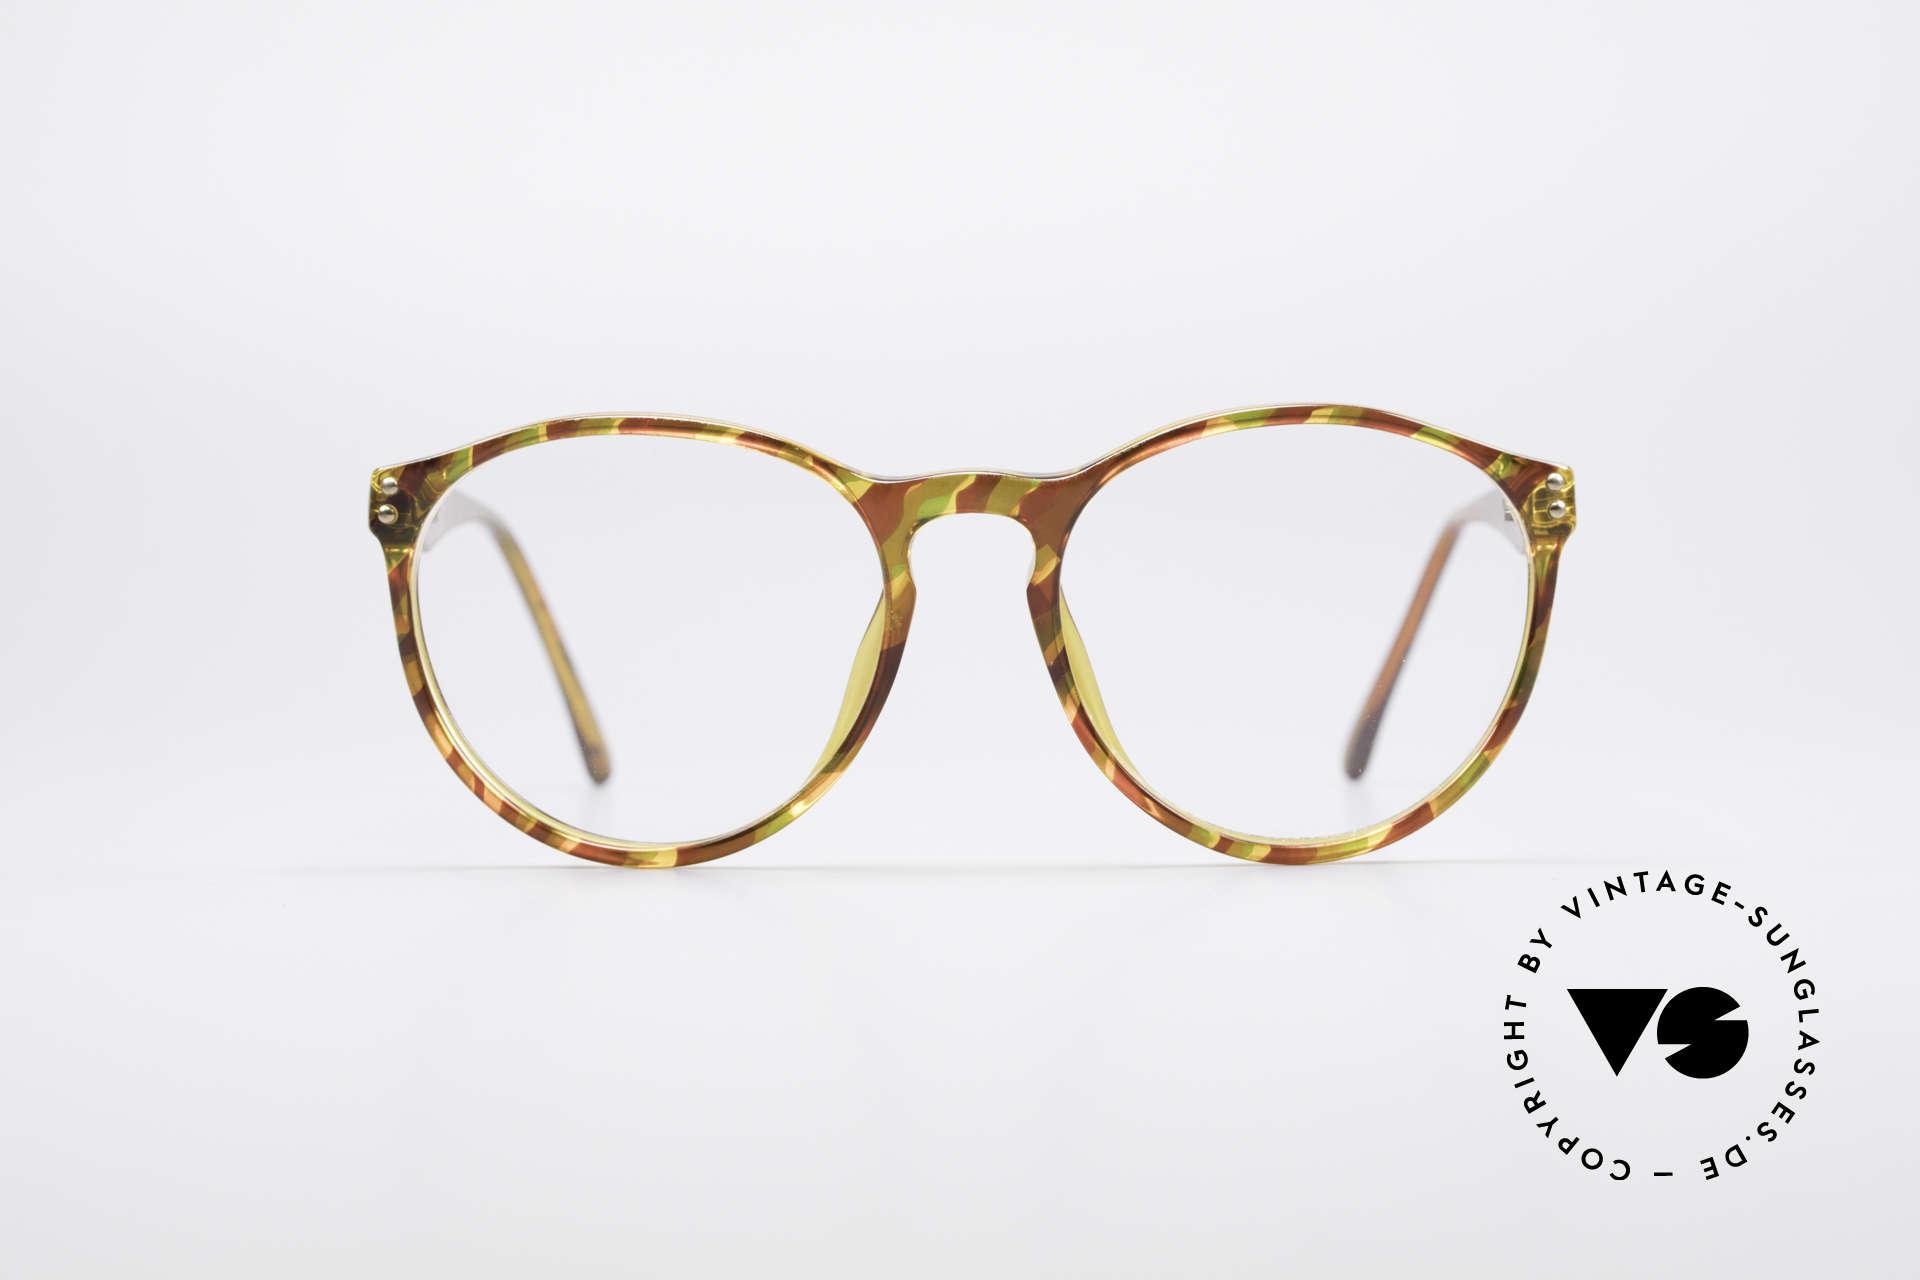 Carrera 5282 90er Panto Brillenfassung, absoluter Klassiker mit interessantem Rahmenmuster, Passend für Herren und Damen